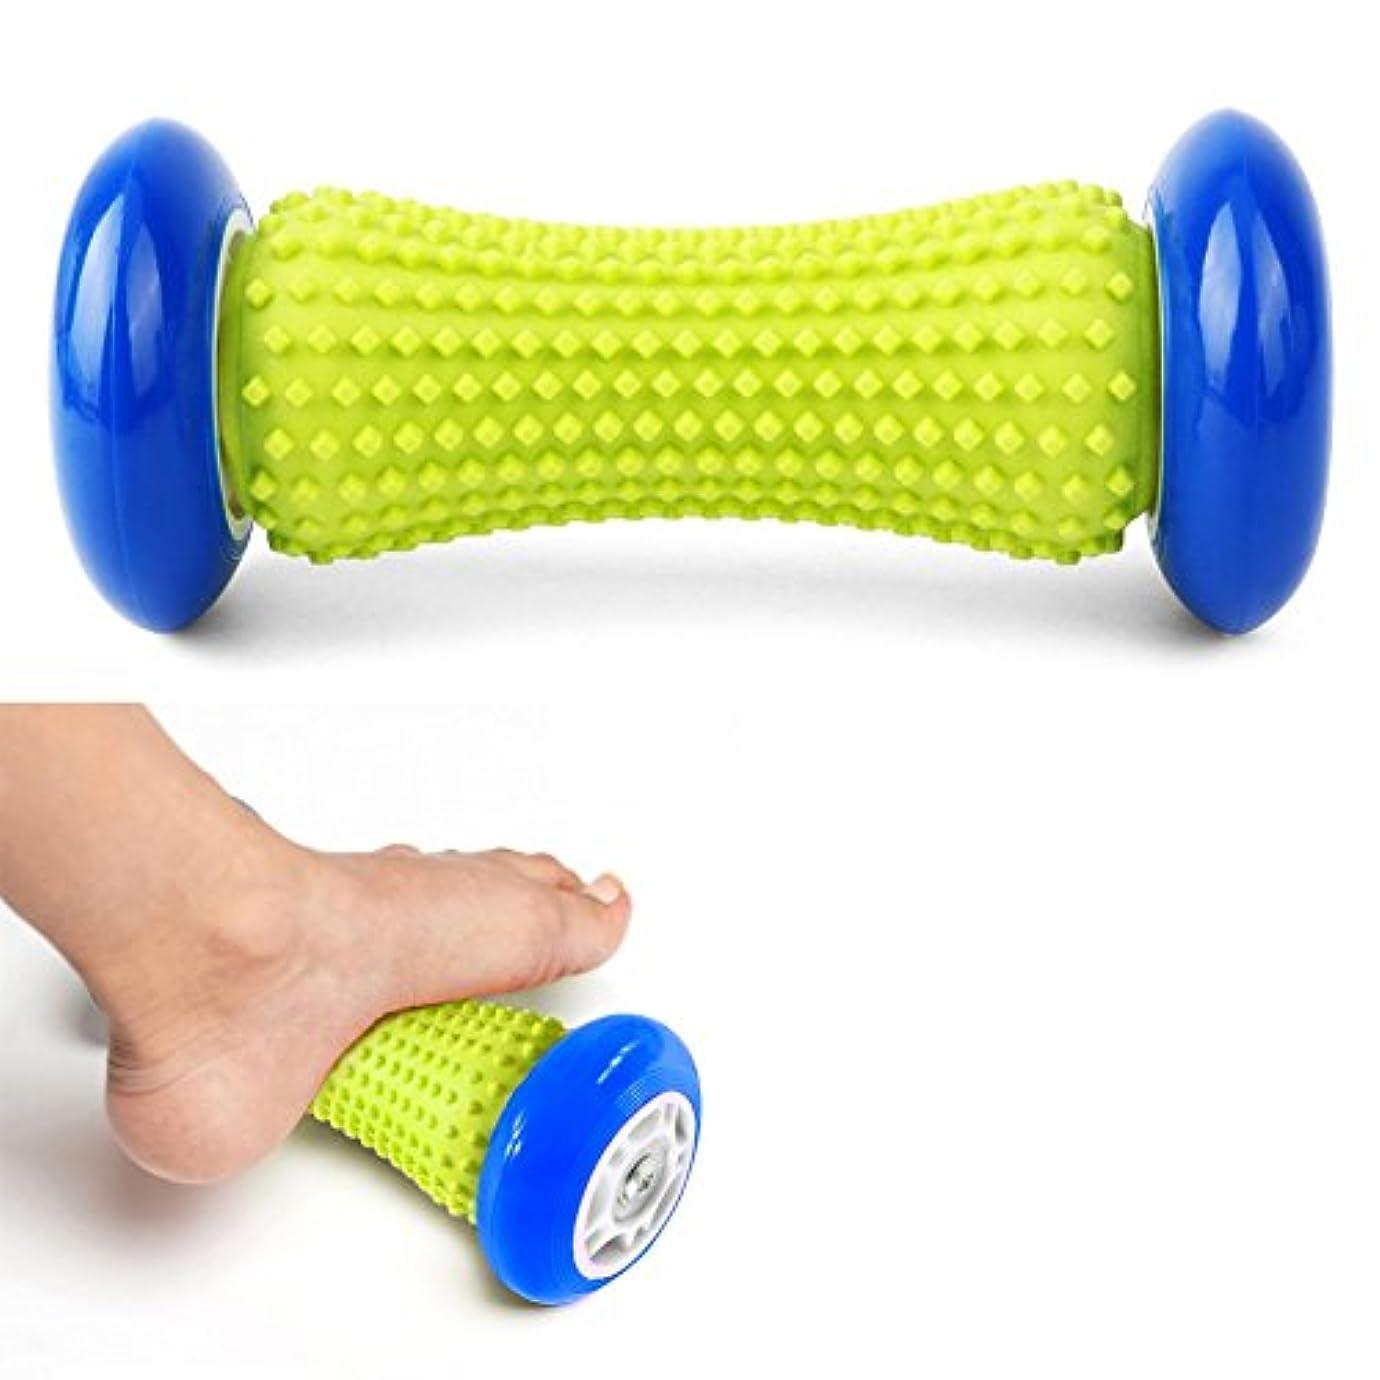 にやにや装置キリンDOXUNGO 足と手のマッサージローラー - マッスルローラースティック - 手首と前腕足底筋膜炎、腕の痛み - かかと&足アーチ痛の救済のための運動ローラー (ブラック)